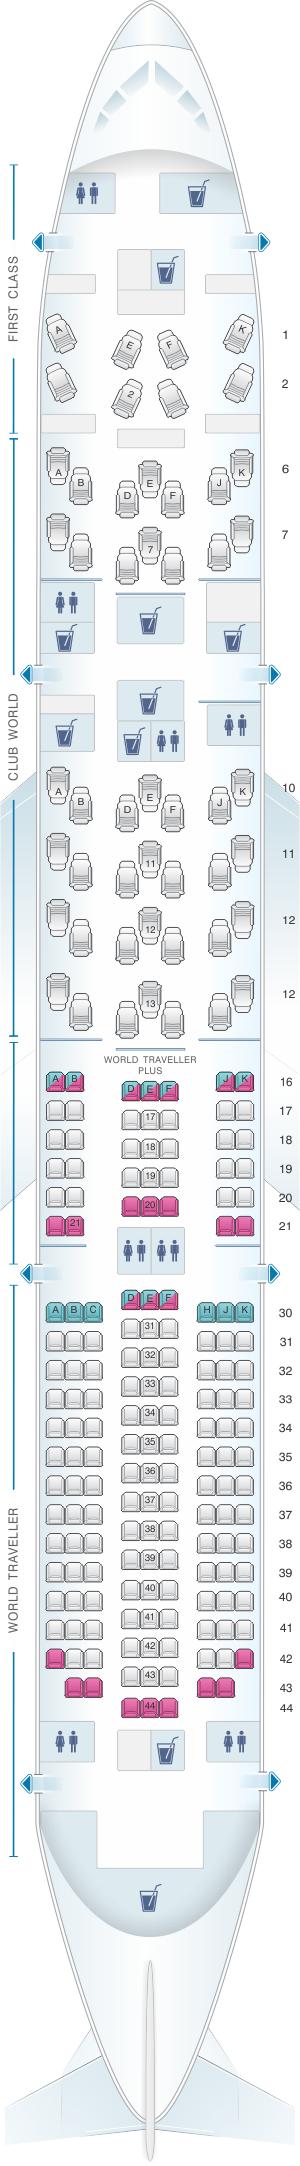 Seat map for British Airways Boeing B787 9